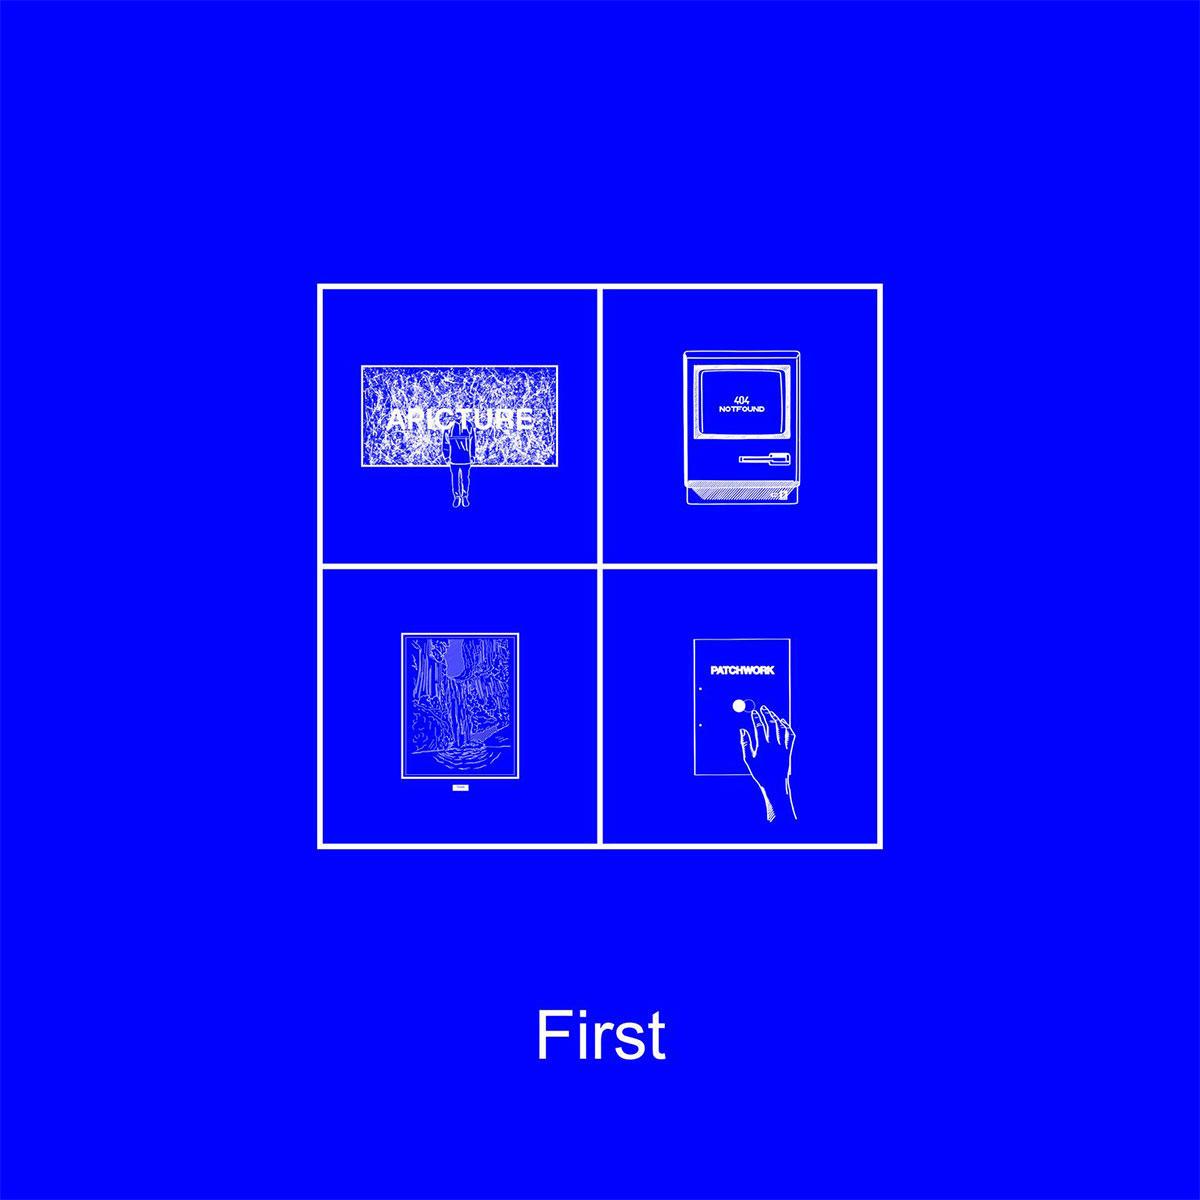 Foc_JK_first_1500_20200705.jpg